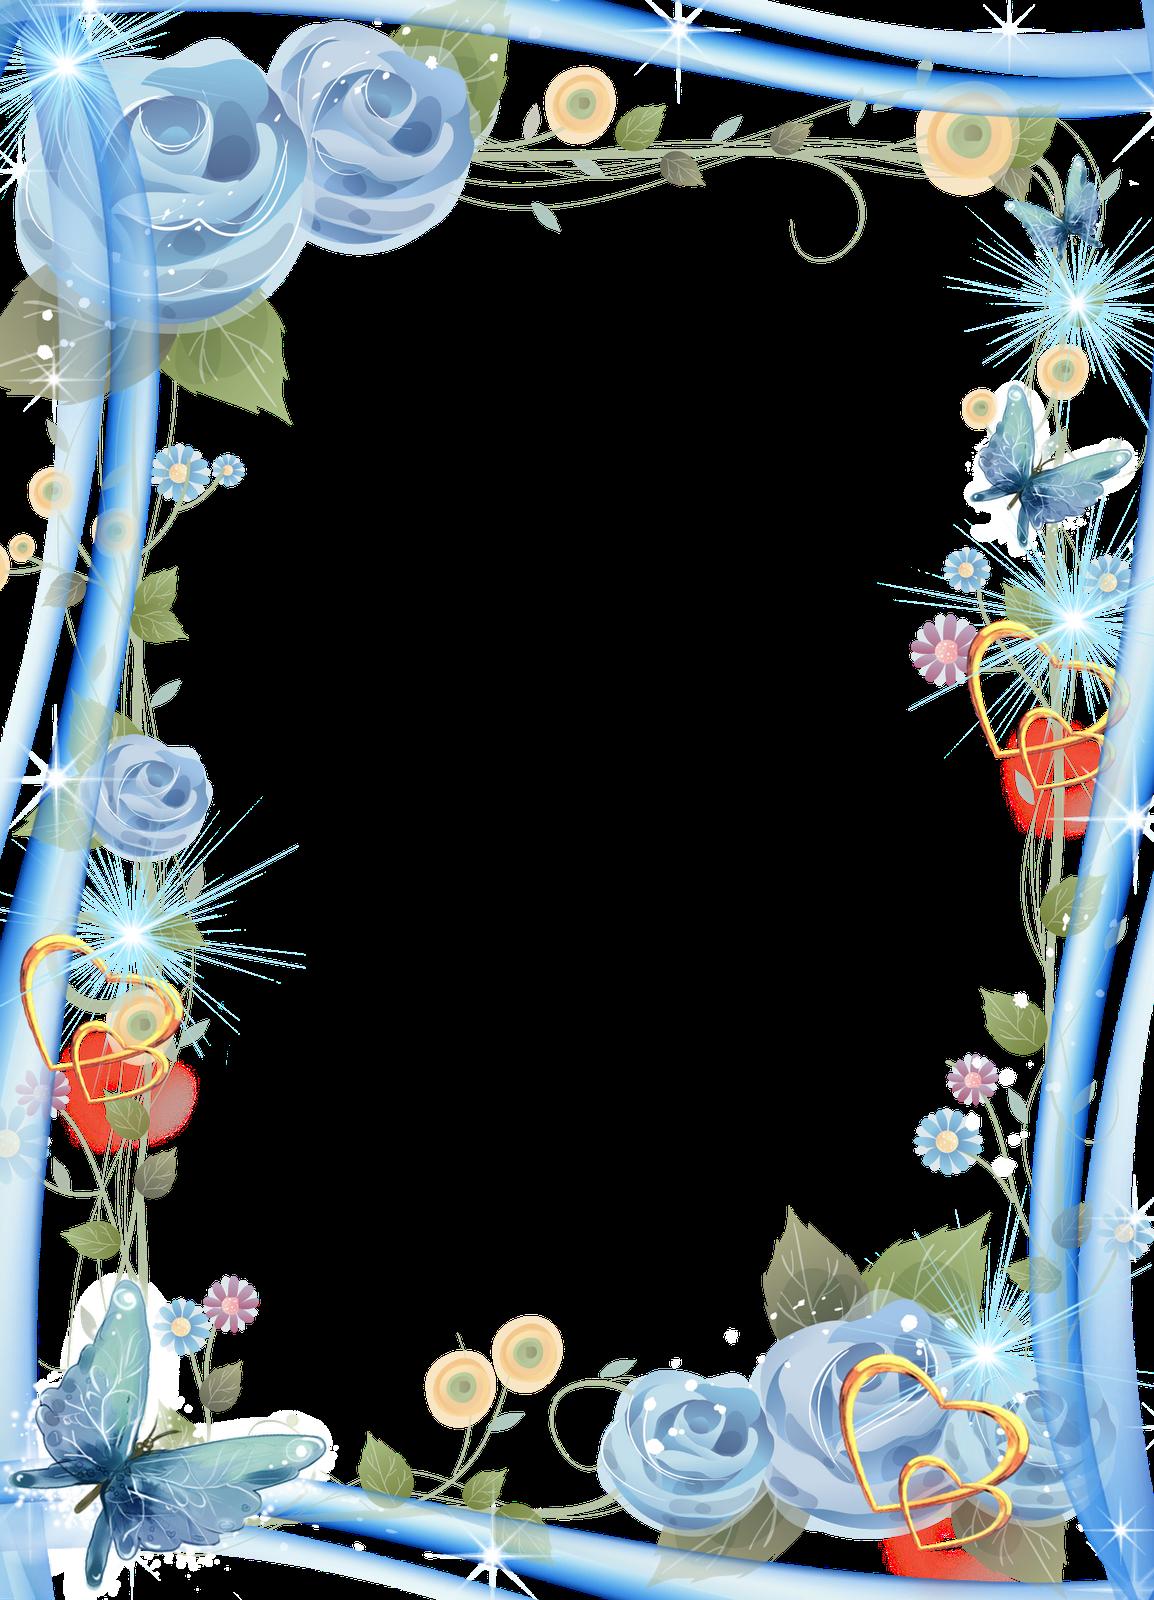 Artes em psd: 04 Molduras Românticas Azul em PNG